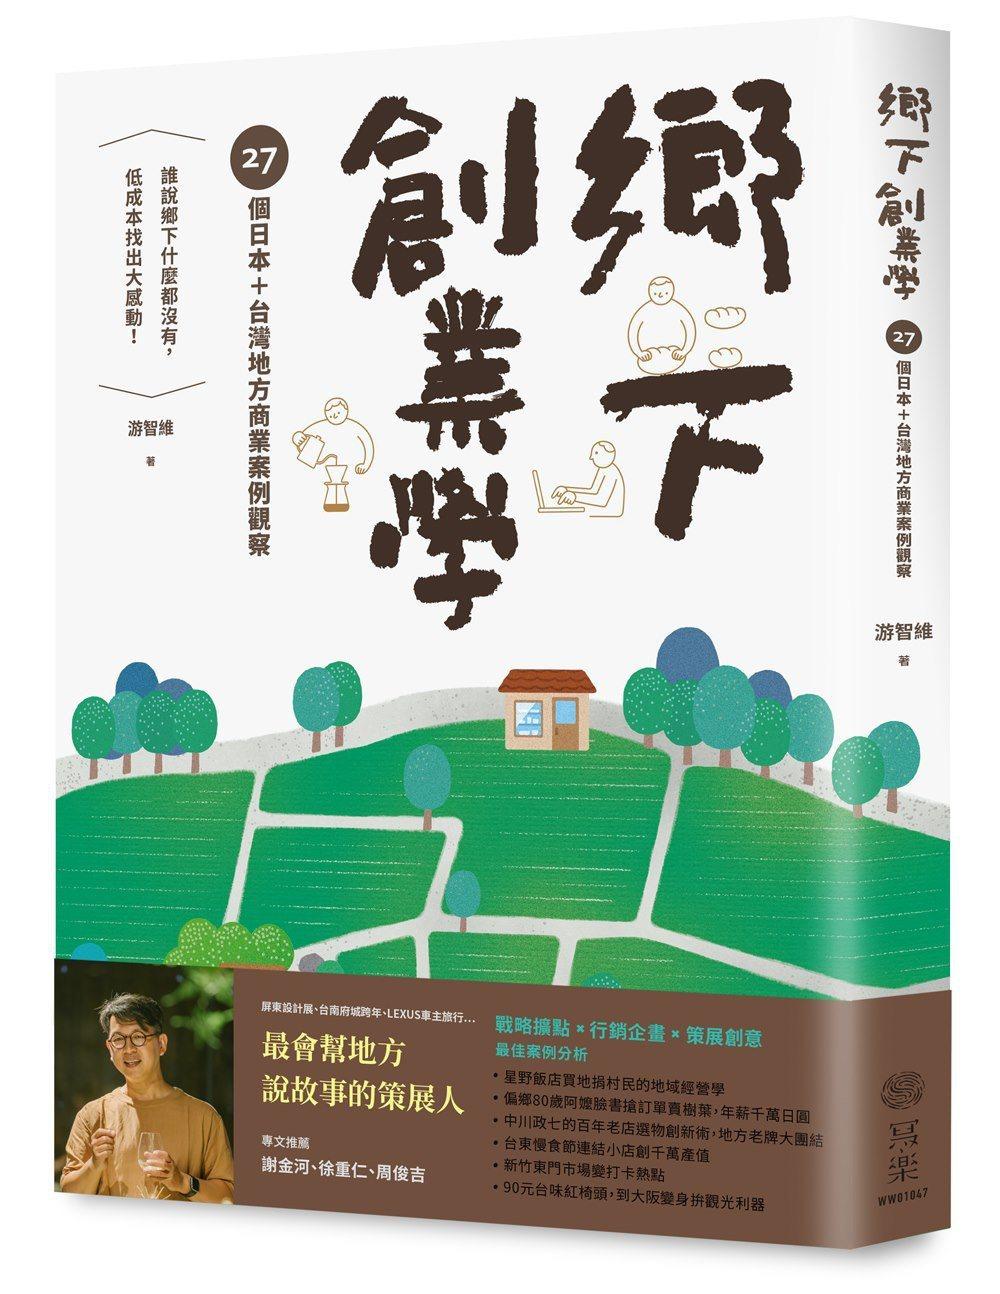 《鄉下創業學:27個日本+台灣地方商業案例觀察》書封。 圖/寫樂文化